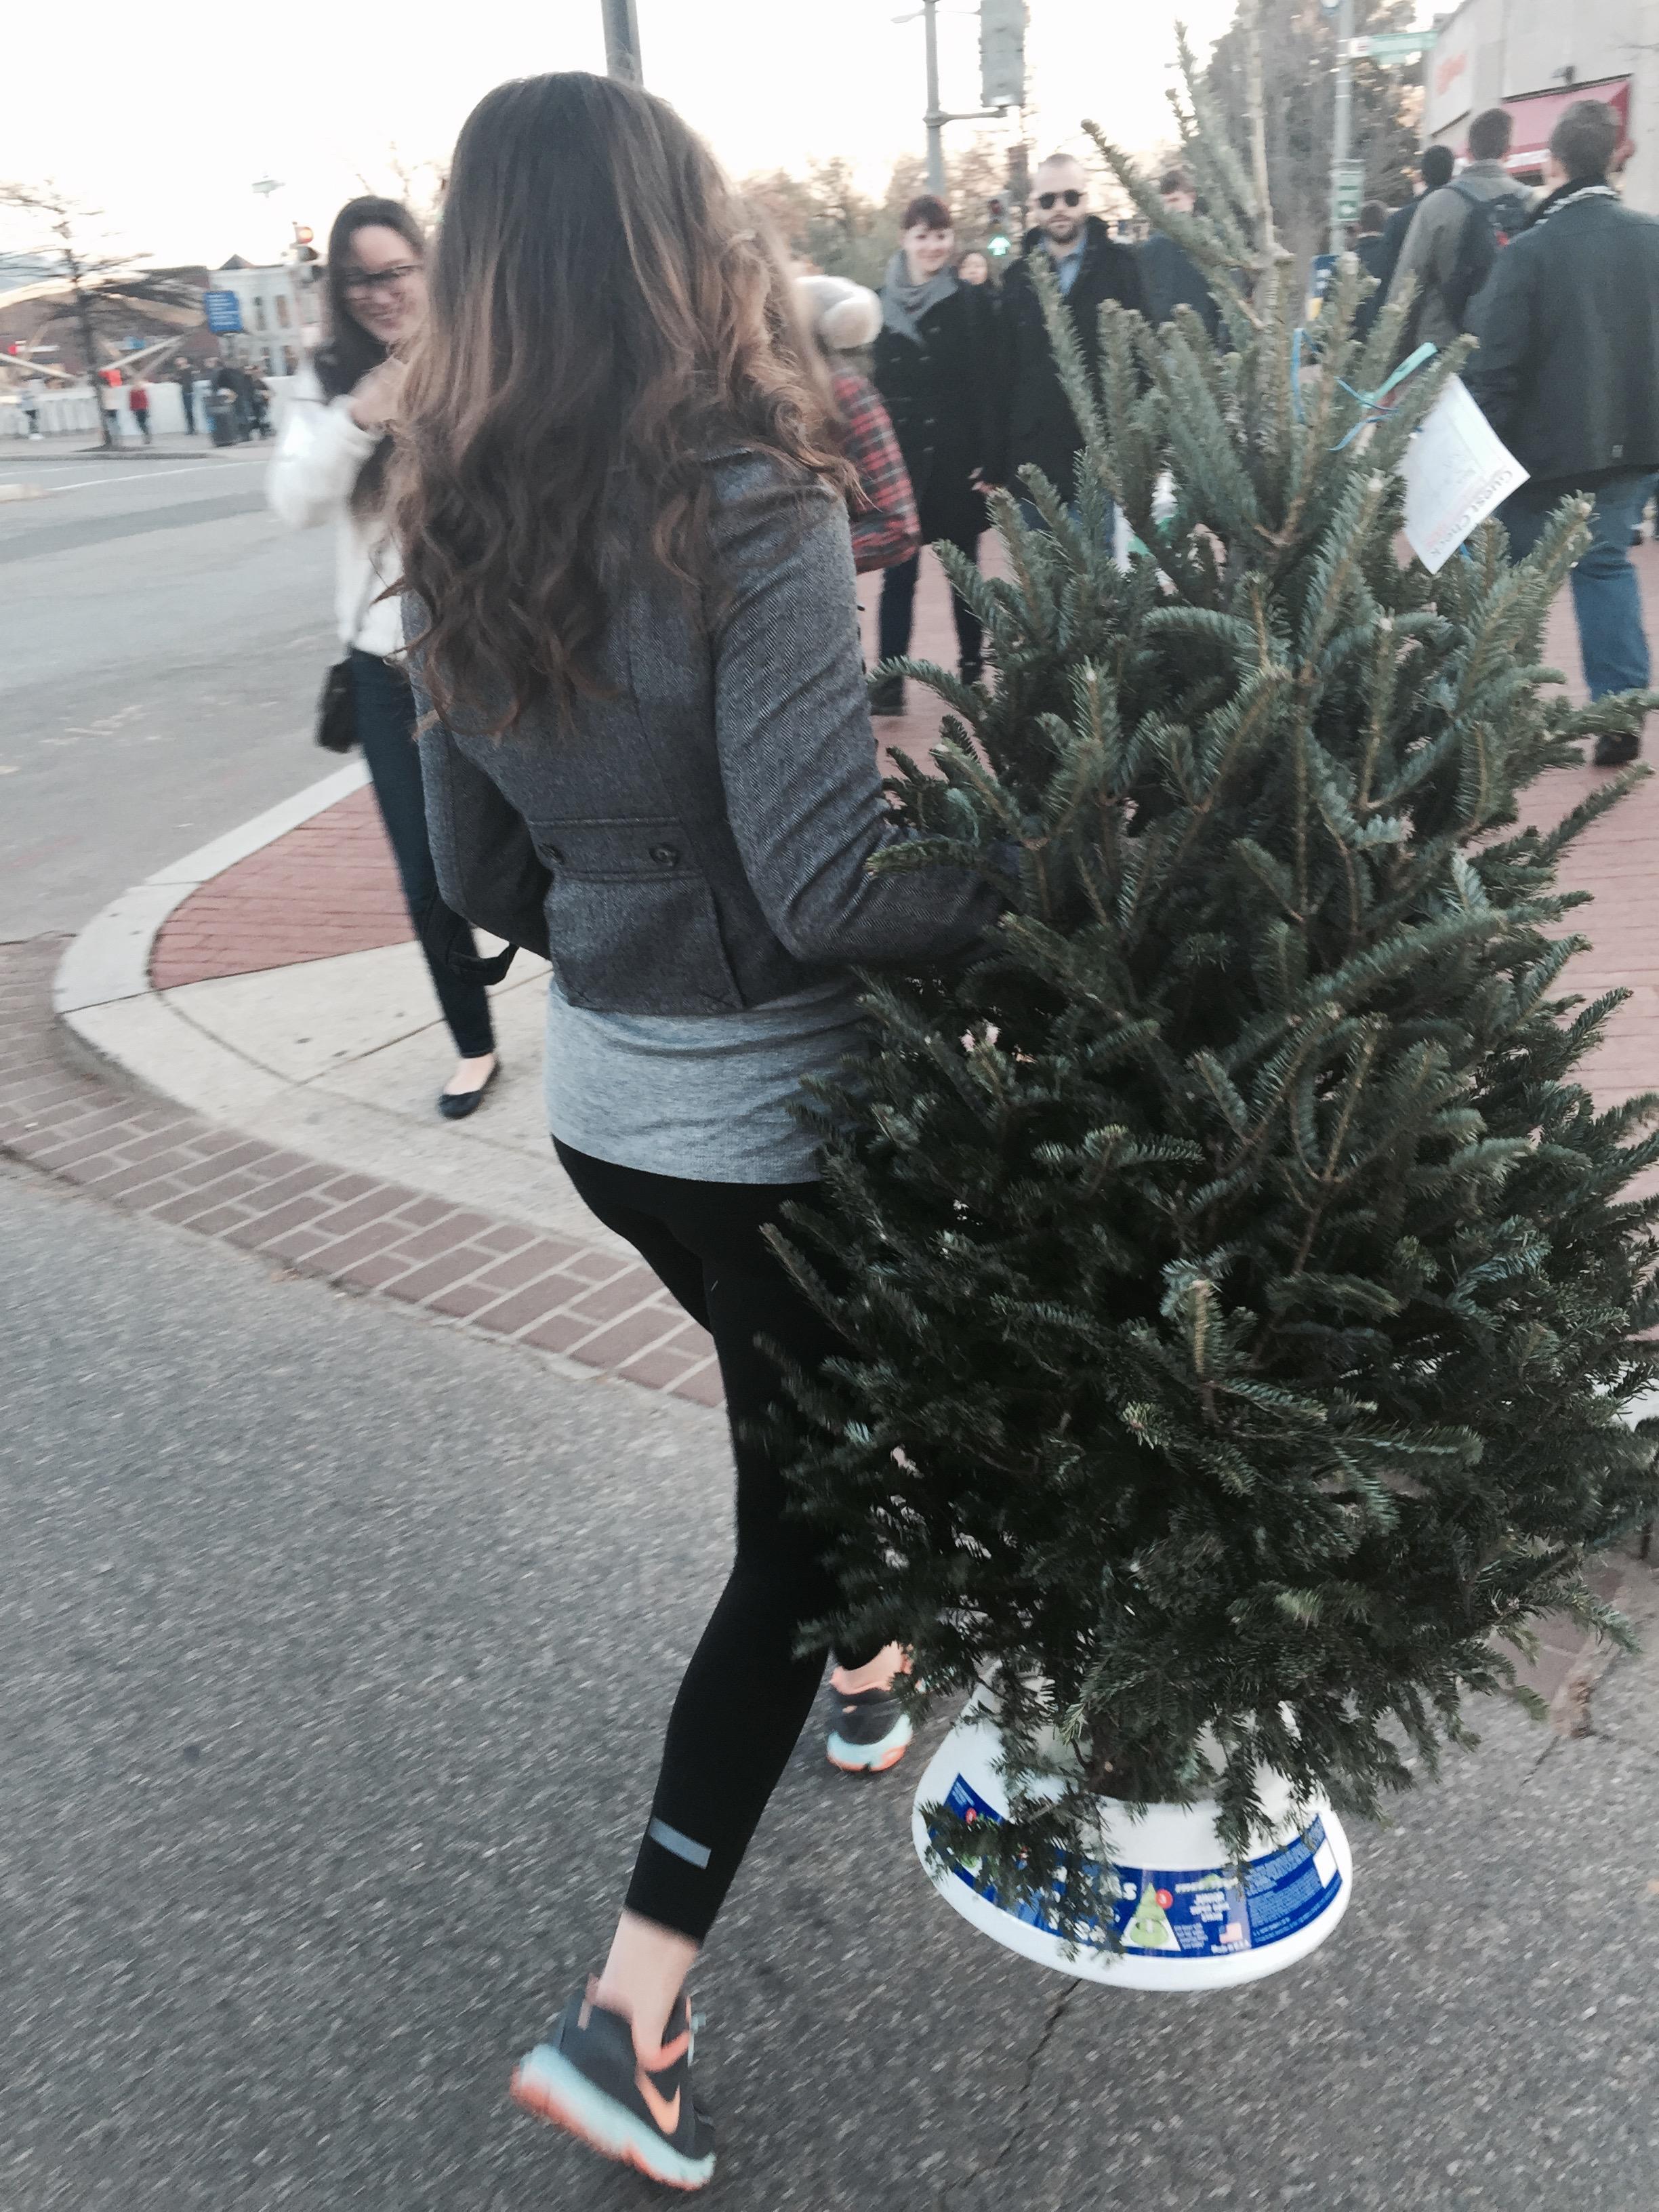 Eastern Market Christmas tree